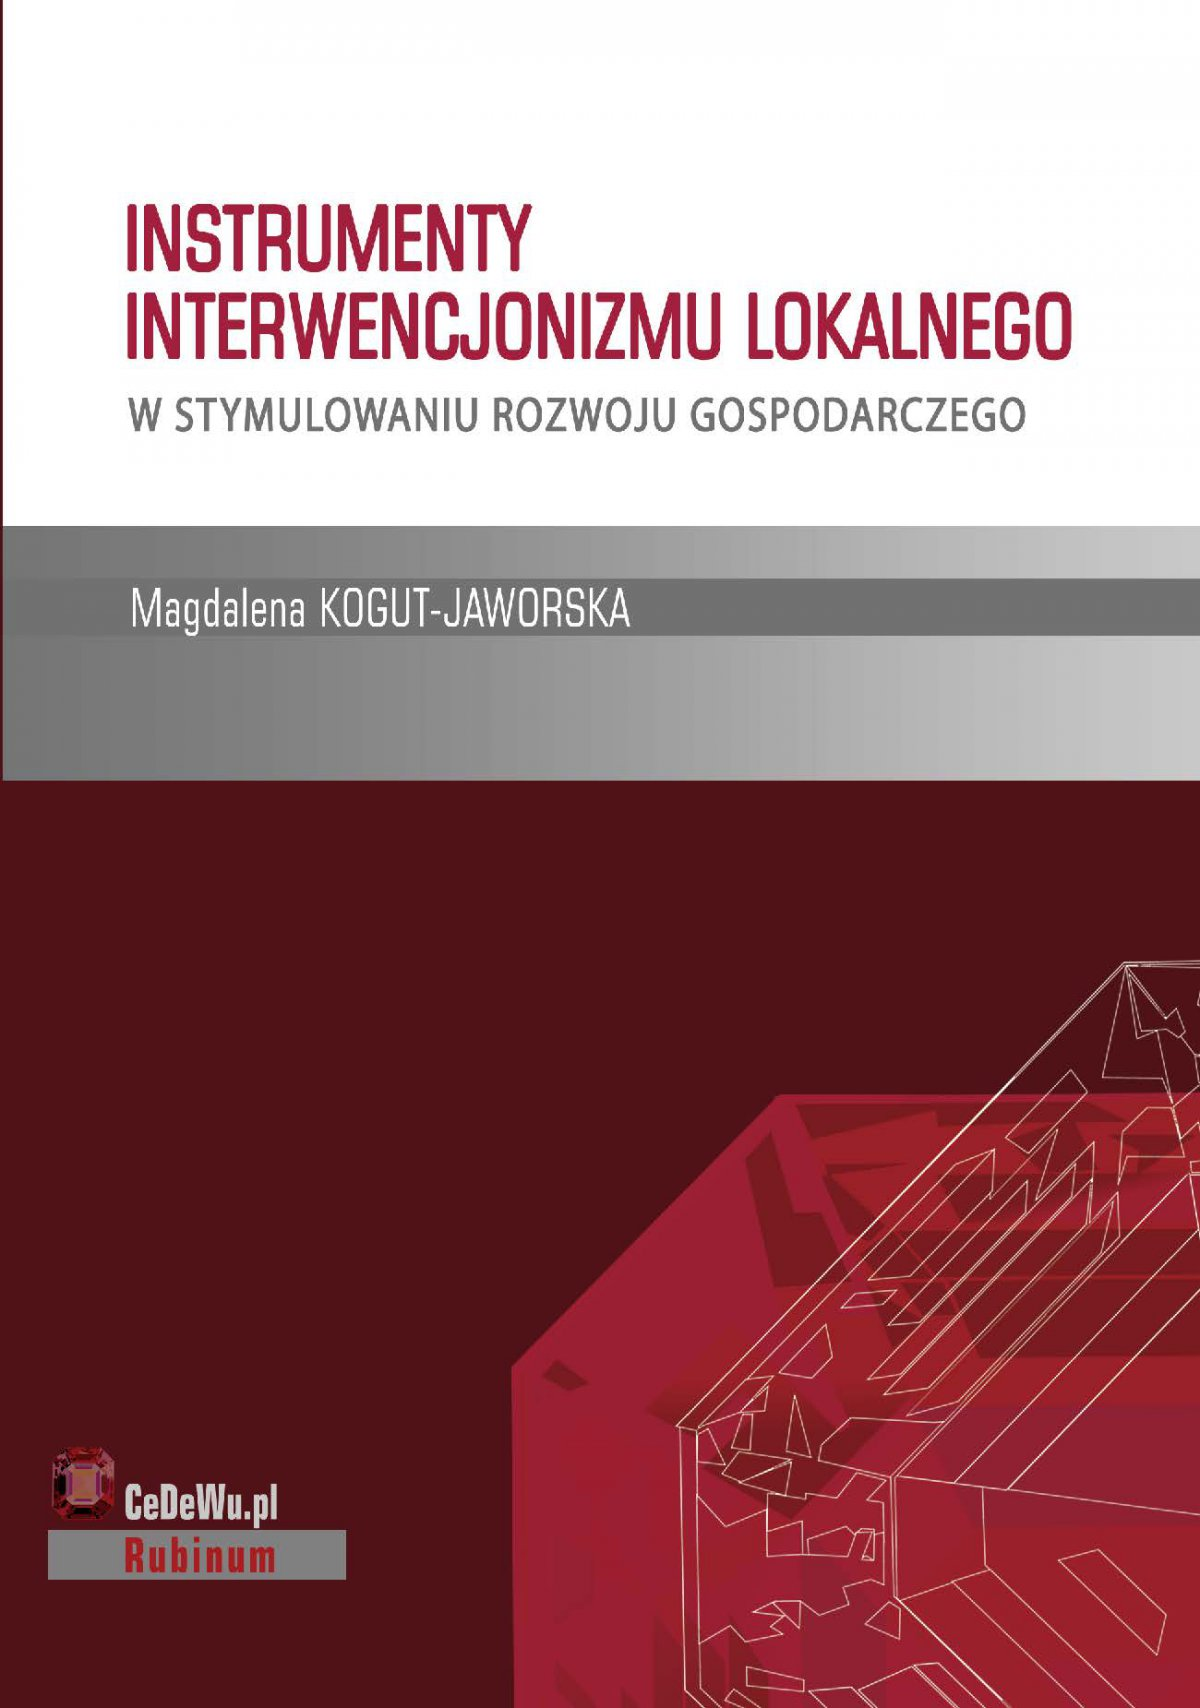 Instrumenty interwencjonizmu lokalnego w stymulowaniu rozwoju gospodarczego. Rozdział 4. ANALIZA WYBRANYCH PRZYPADKÓW PRYWATNYCH PROJEKTÓW INFRASTRUKTURALNYCH - Ebook (Książka PDF) do pobrania w formacie PDF